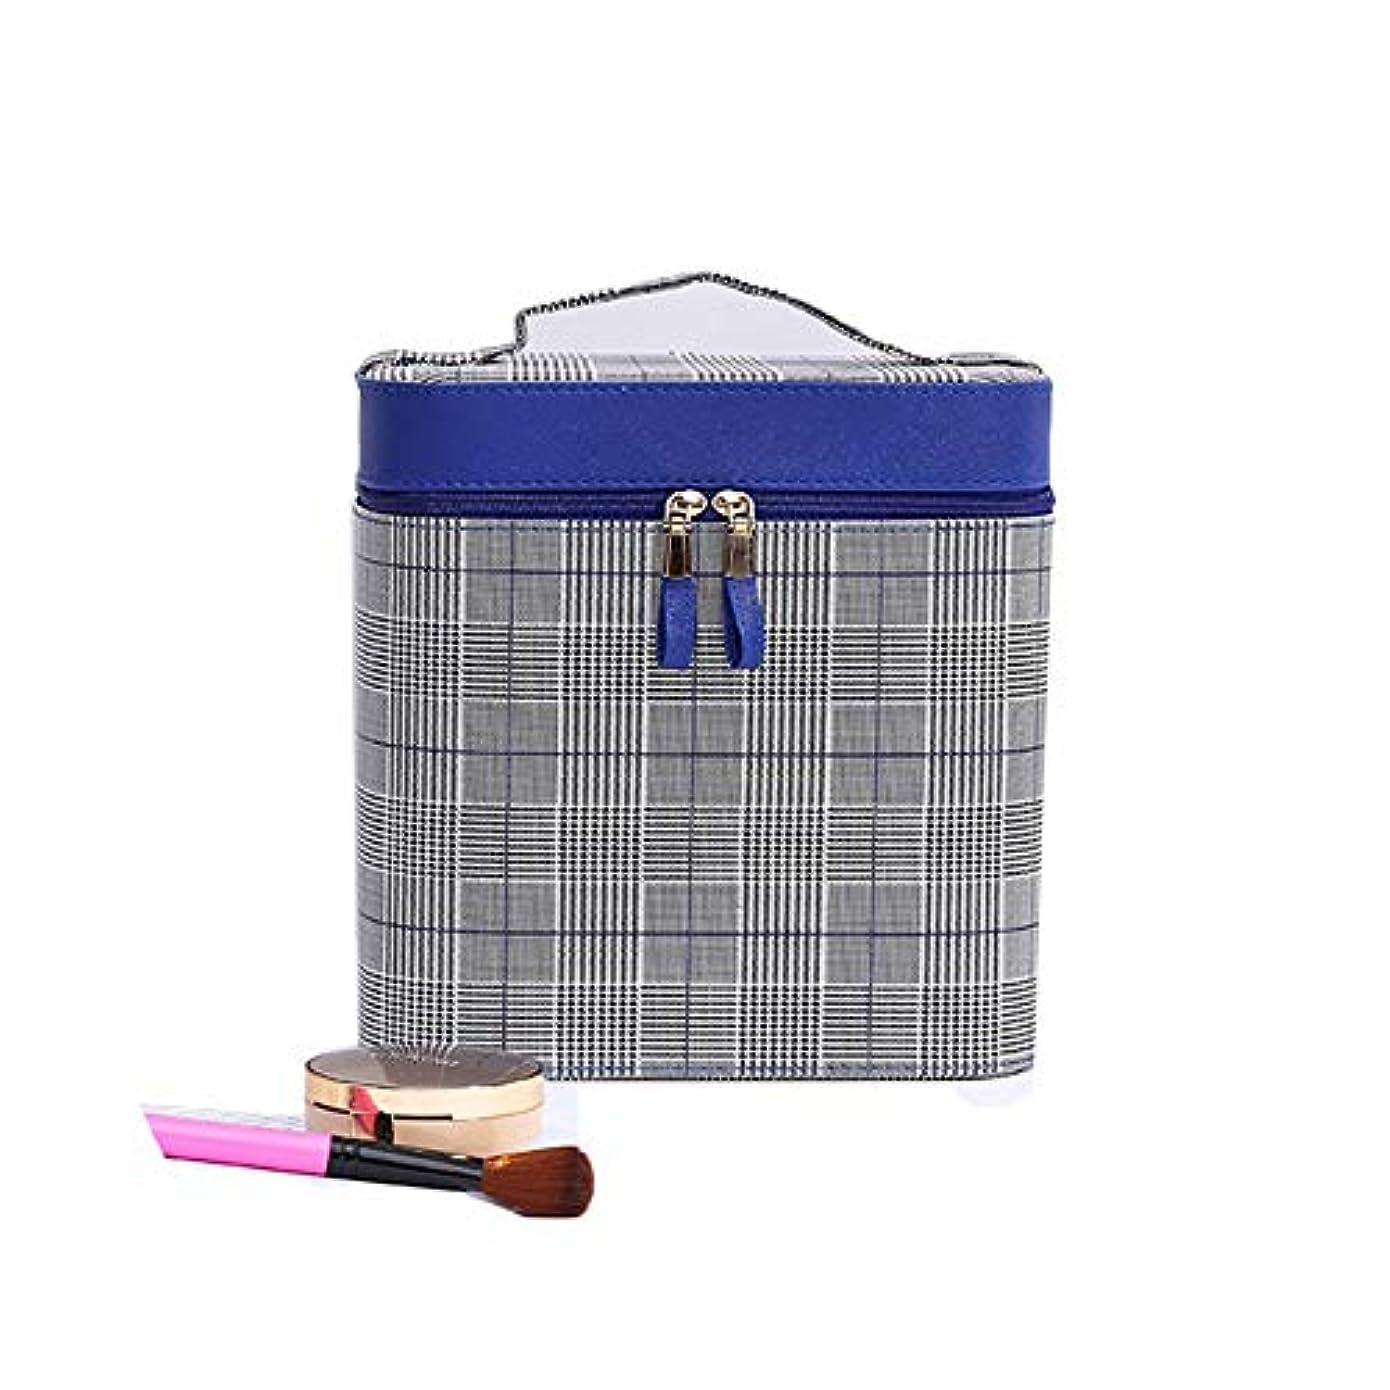 文芸ルビー仕事大容量 メイクボックス 化粧品収納ボックス メイクケース スキンケア用品入れ ジュエリーケース コスメ収納 取っ手付き 持ち運び 可愛い 防水防塵 鏡付き 機能的 化粧BOX